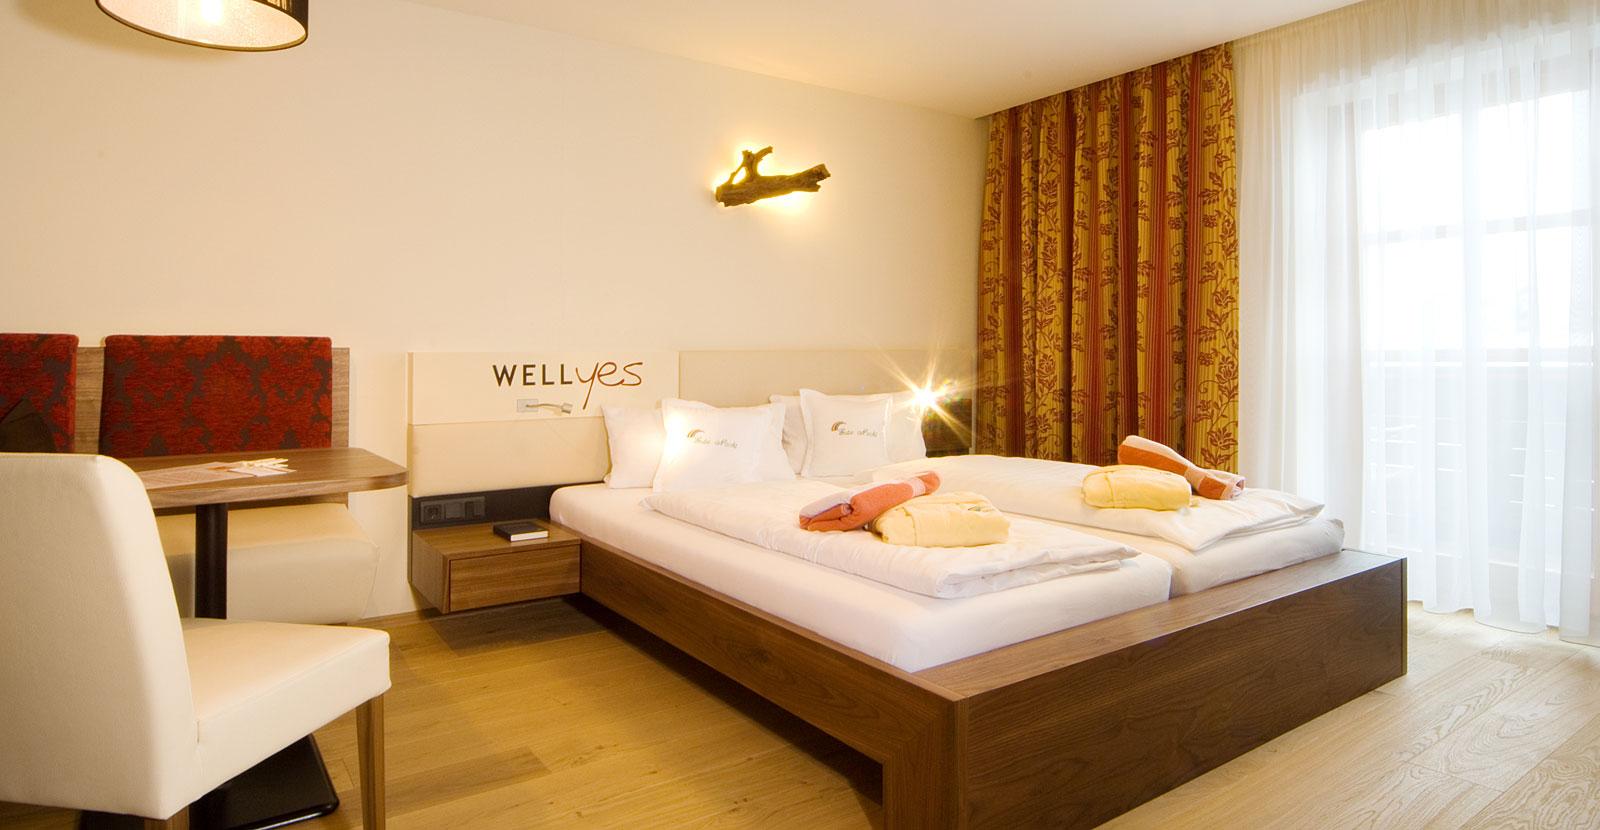 Wellnesshotel Kramerwirt Im Bayerischen Wald   Zimmer U0026 Suiten